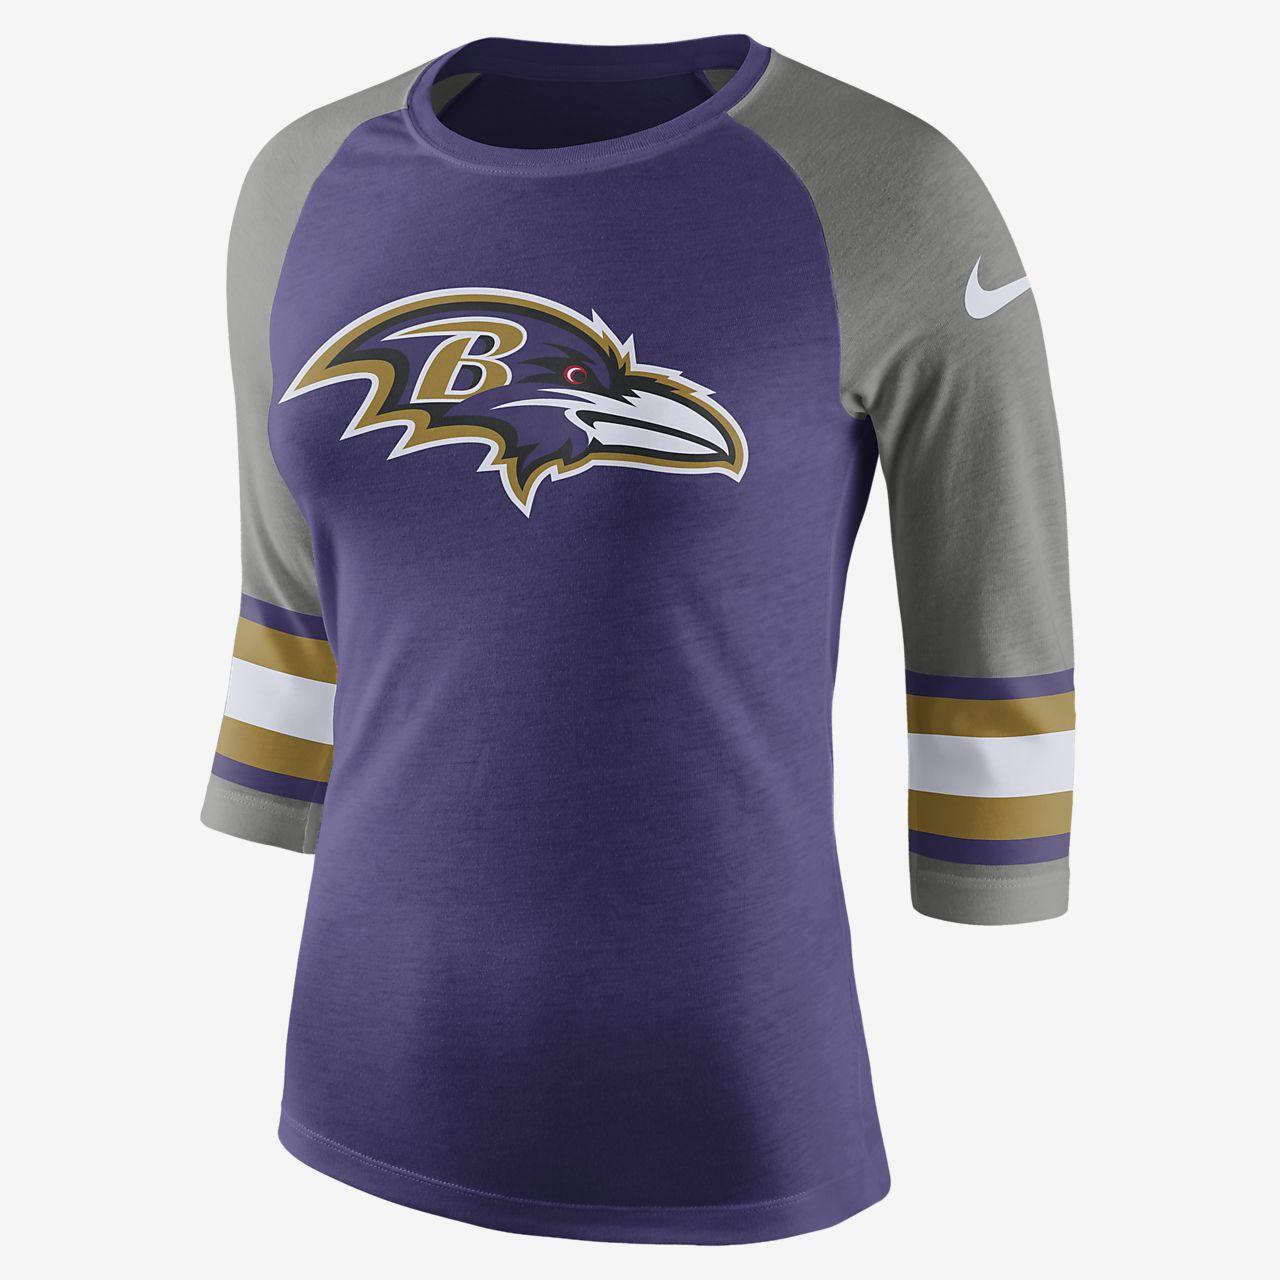 ... Dámské tričko s tříčtvrtečním rukávem Nike Tri-Blend Raglan (NFL Ravens) 3a7b613c90